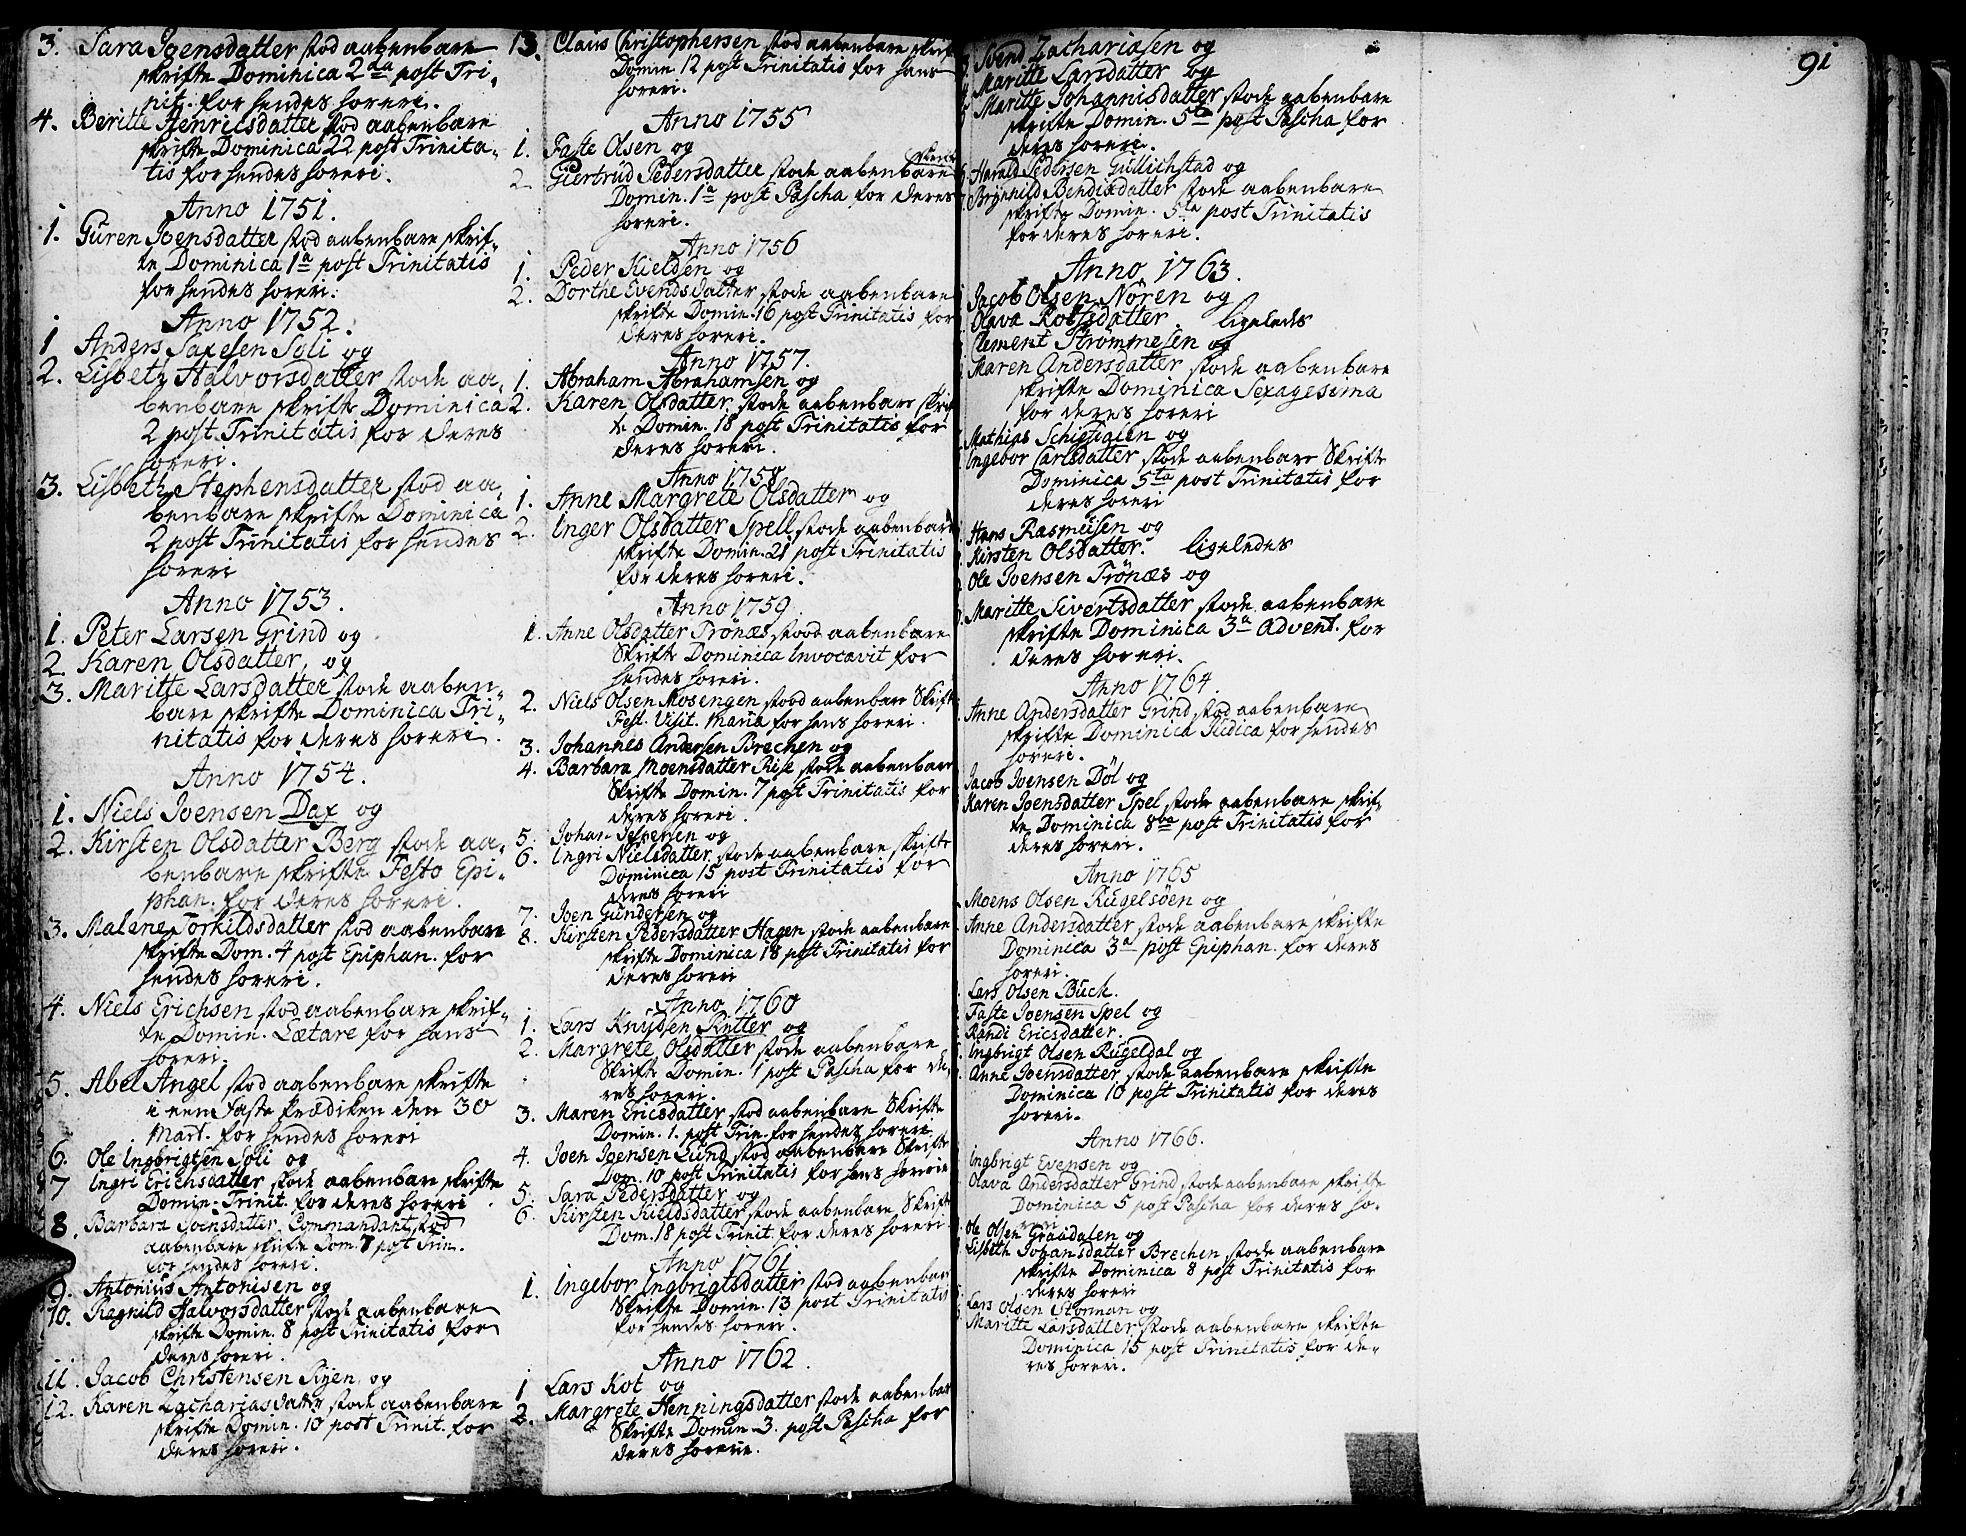 SAT, Ministerialprotokoller, klokkerbøker og fødselsregistre - Sør-Trøndelag, 681/L0925: Ministerialbok nr. 681A03, 1727-1766, s. 91